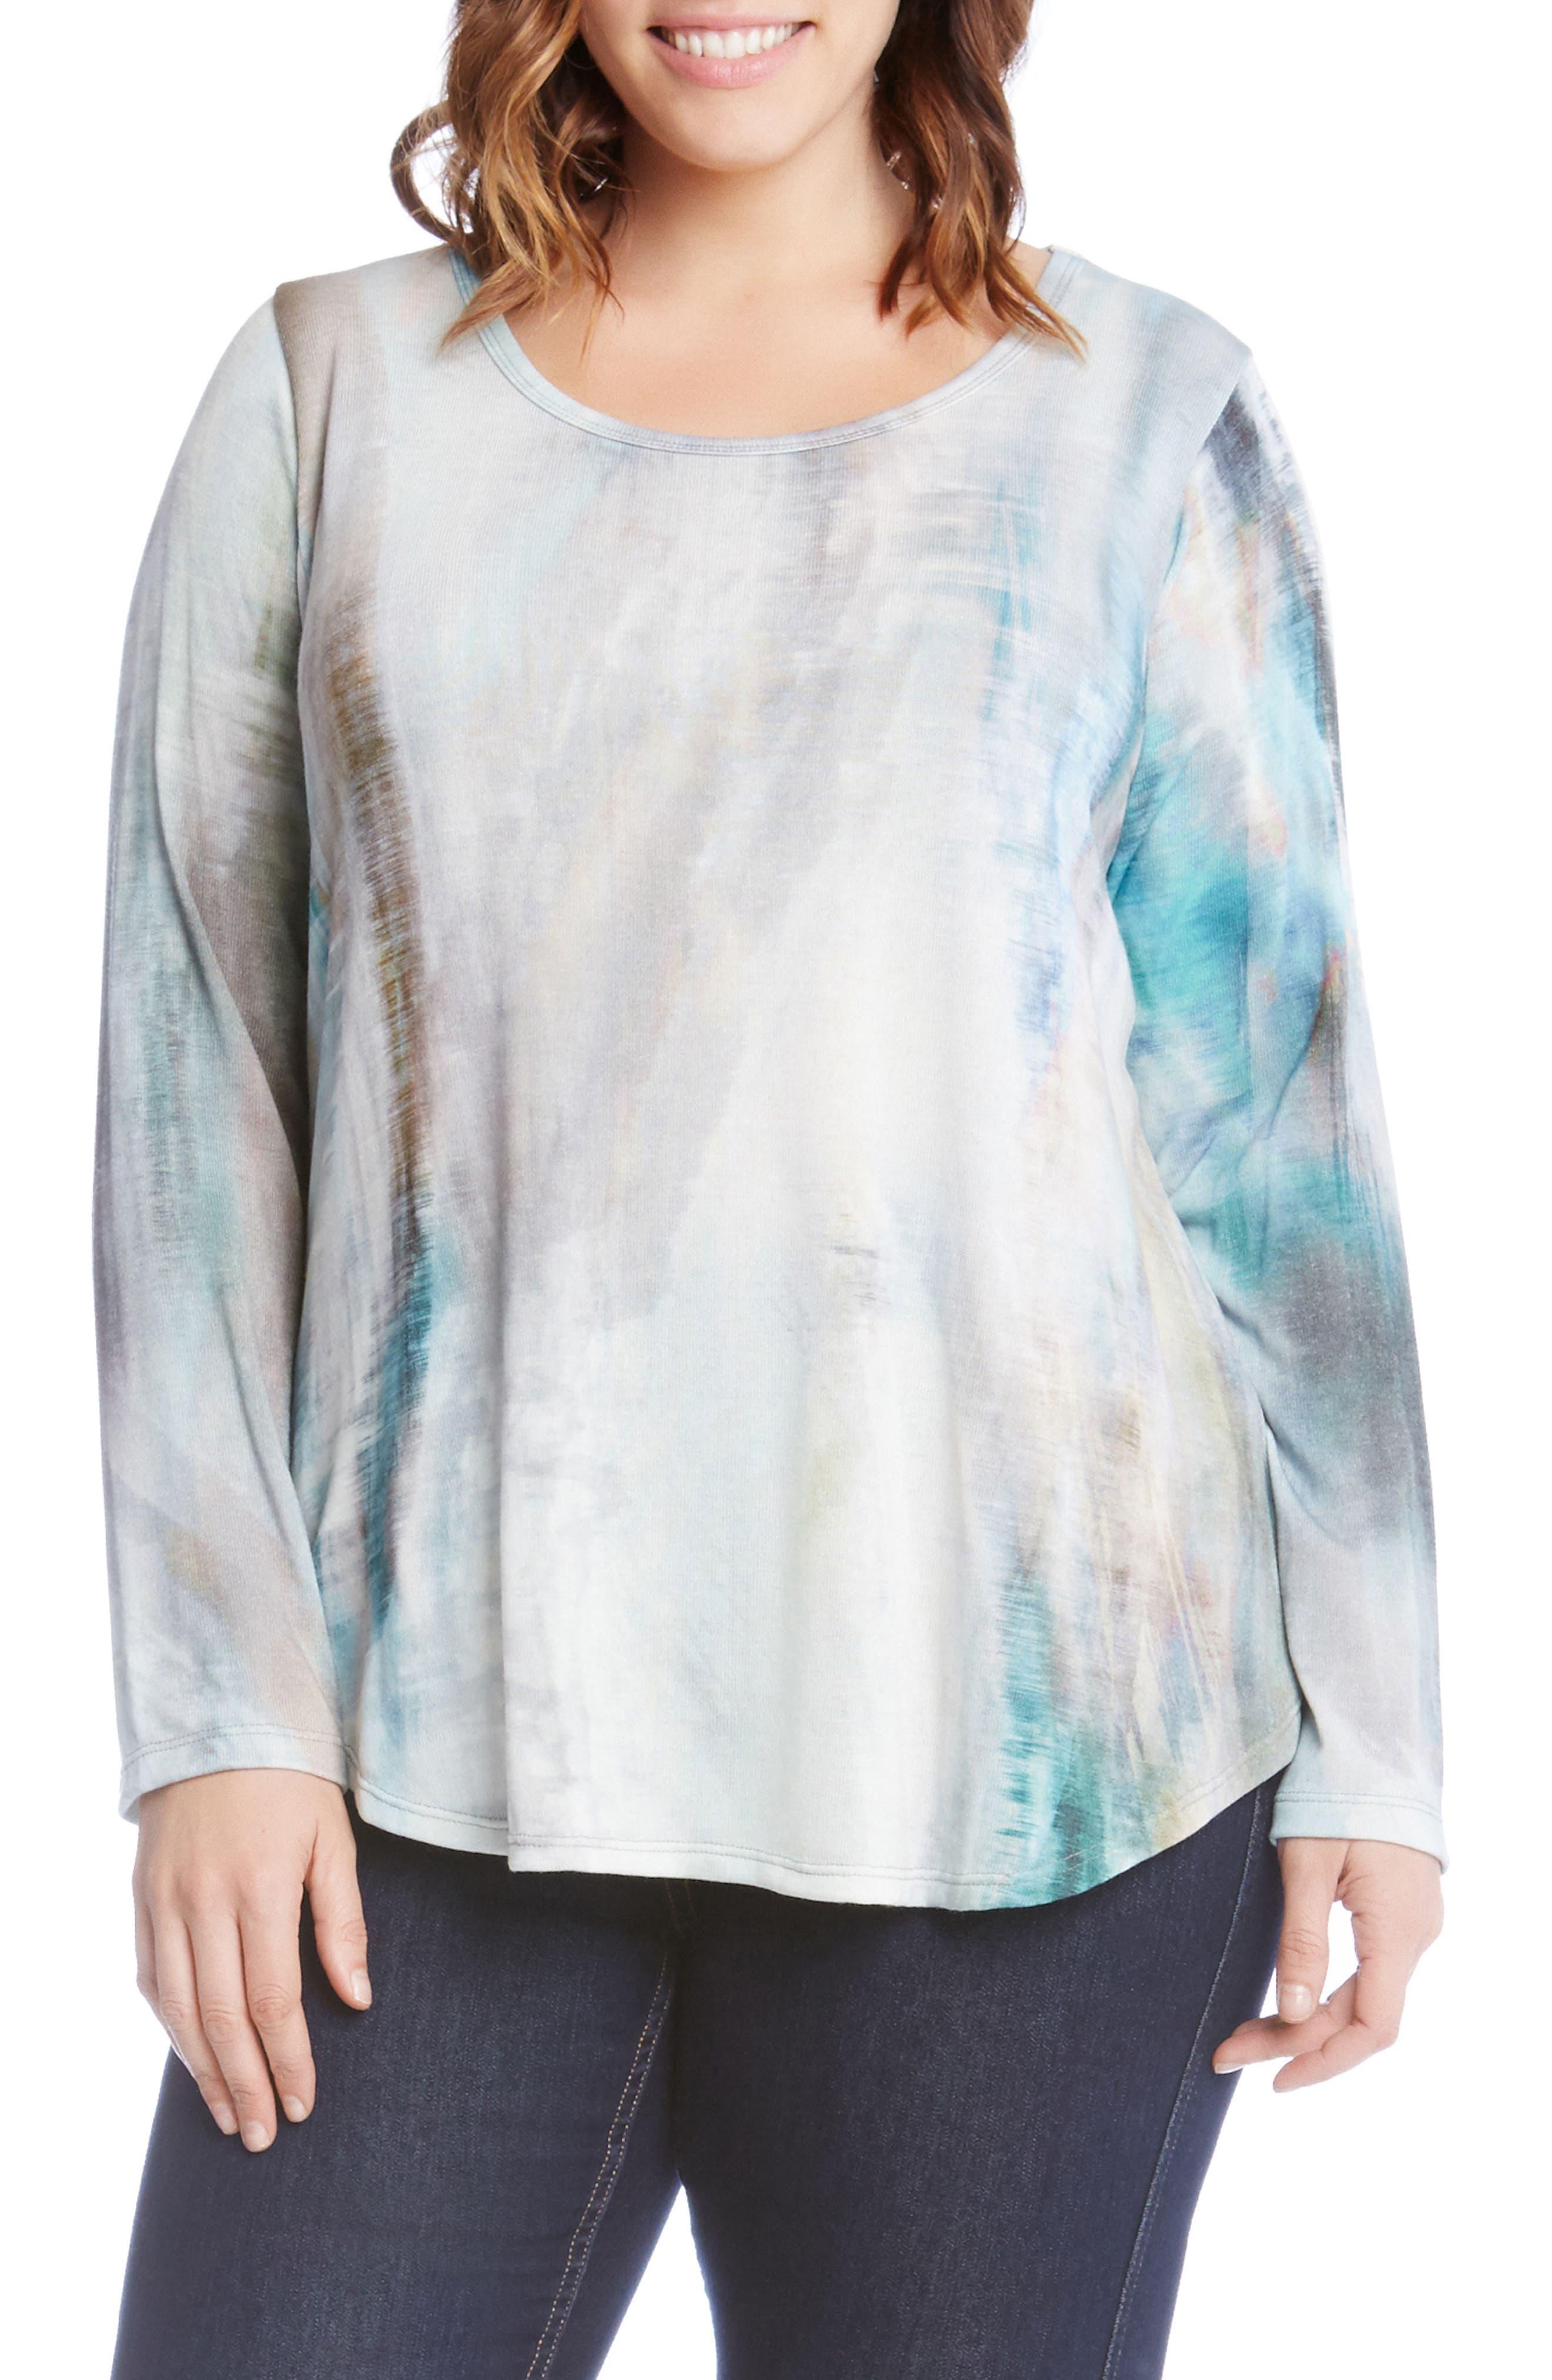 Main Image - Karen Kane Print Shirttail Top (Plus Size)